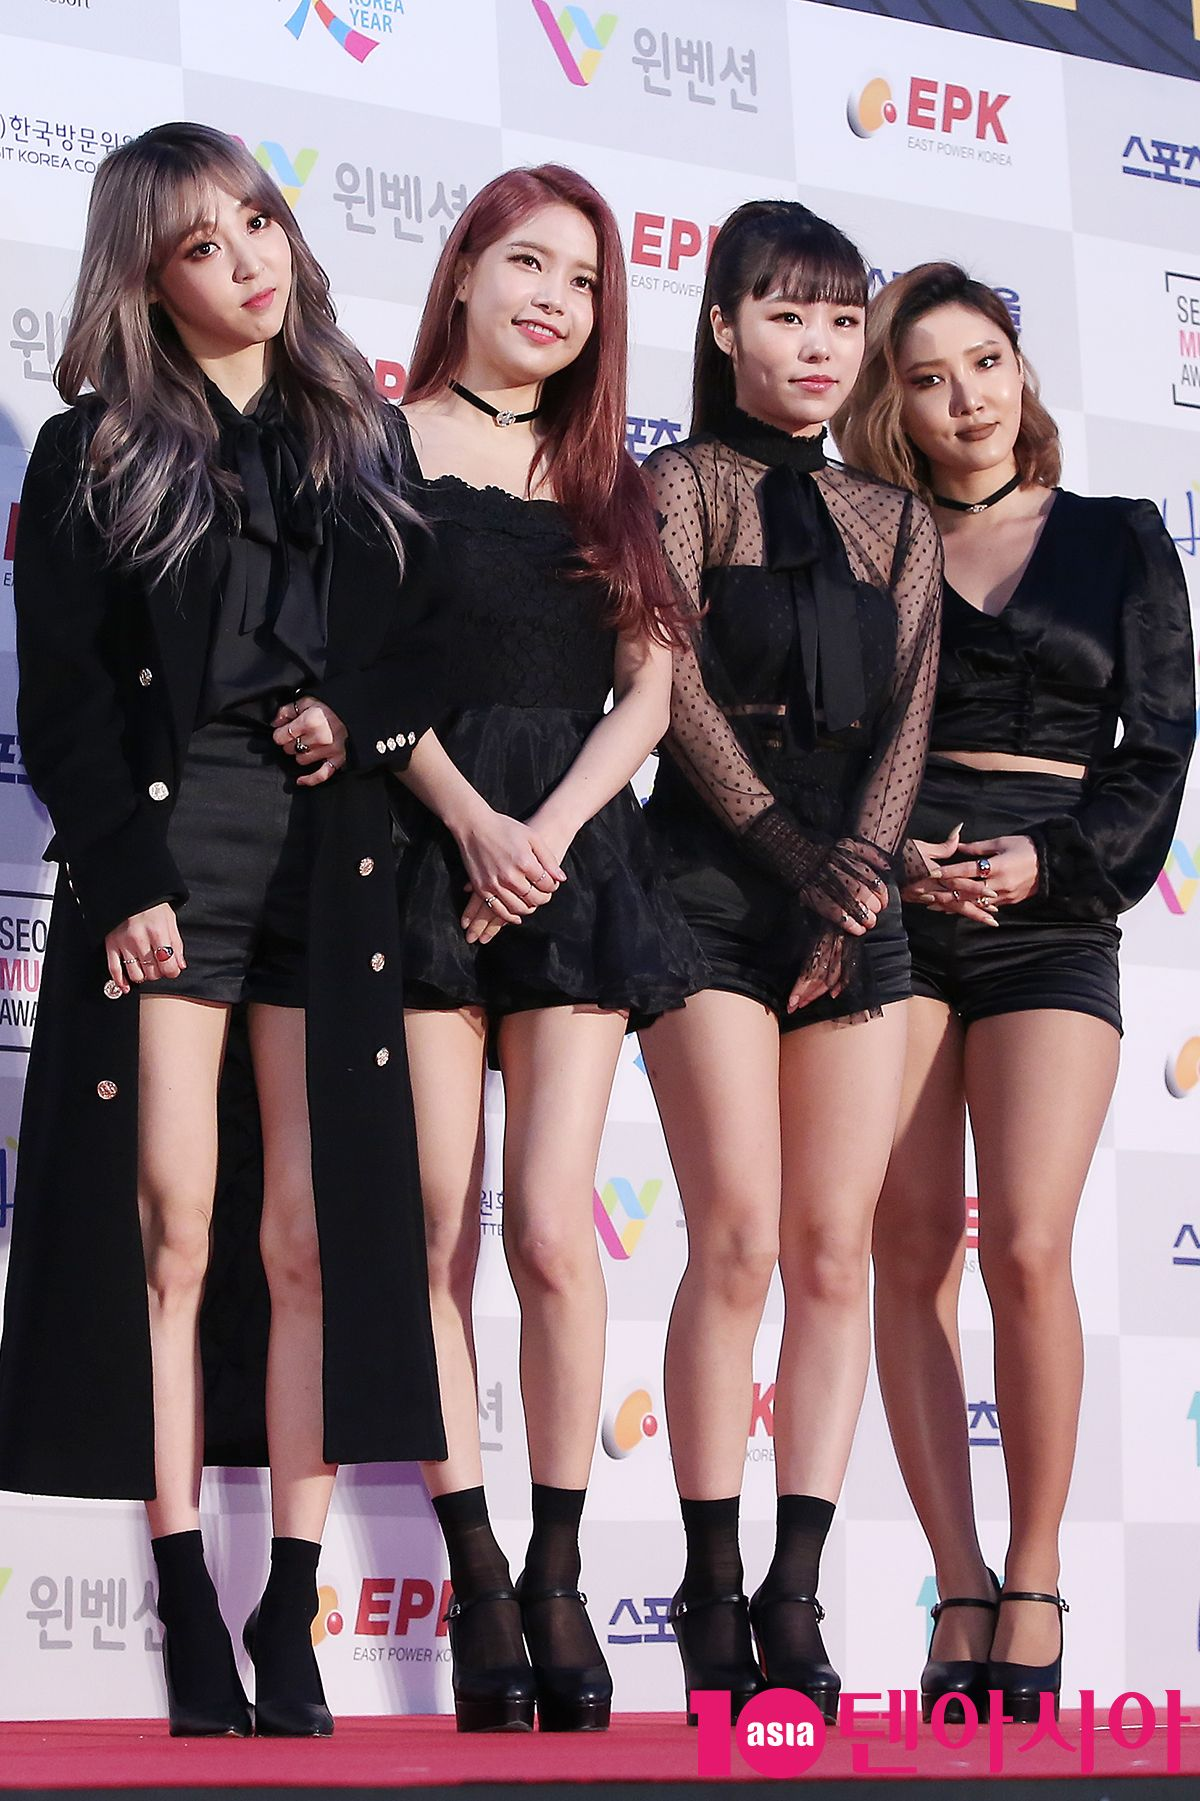 Mamamoo At The Award Show From Maknae To Unnie Mamamoo Kpop Girls Hwasa